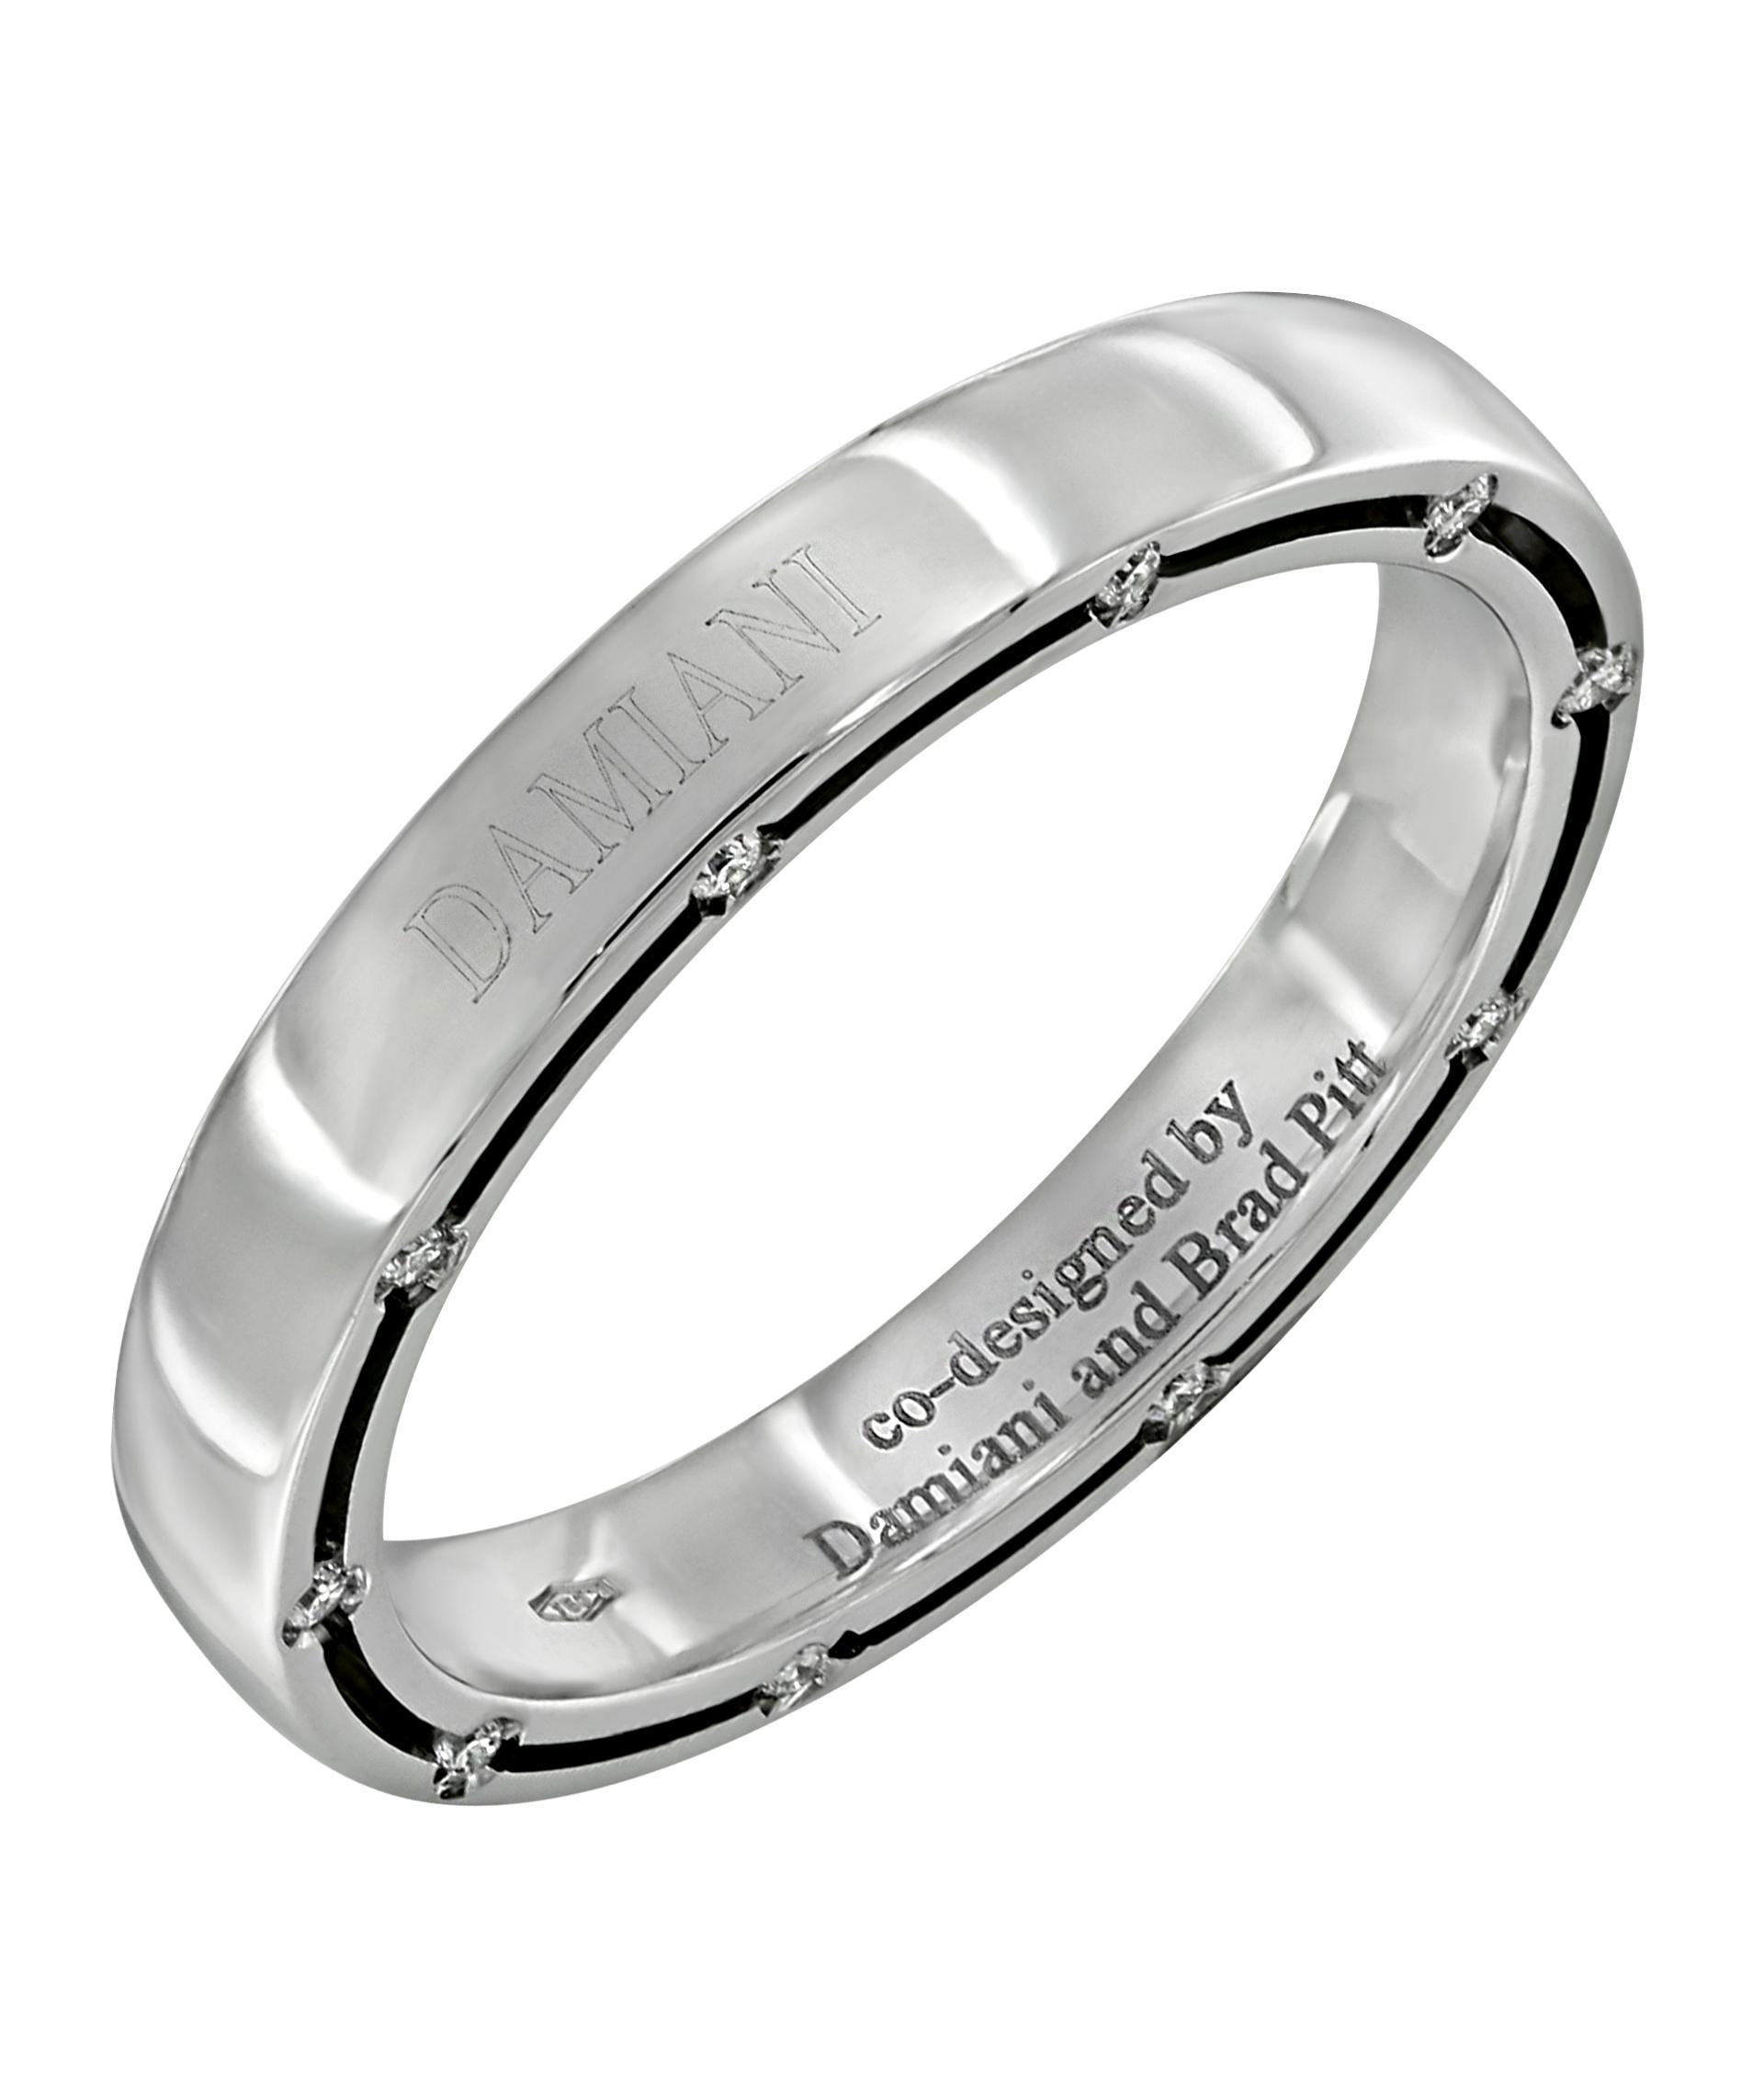 27ca23827a00 Обручальное кольцо Damiani Brad Pitt из белого золота 750 пробы с 20  бриллиантами ...